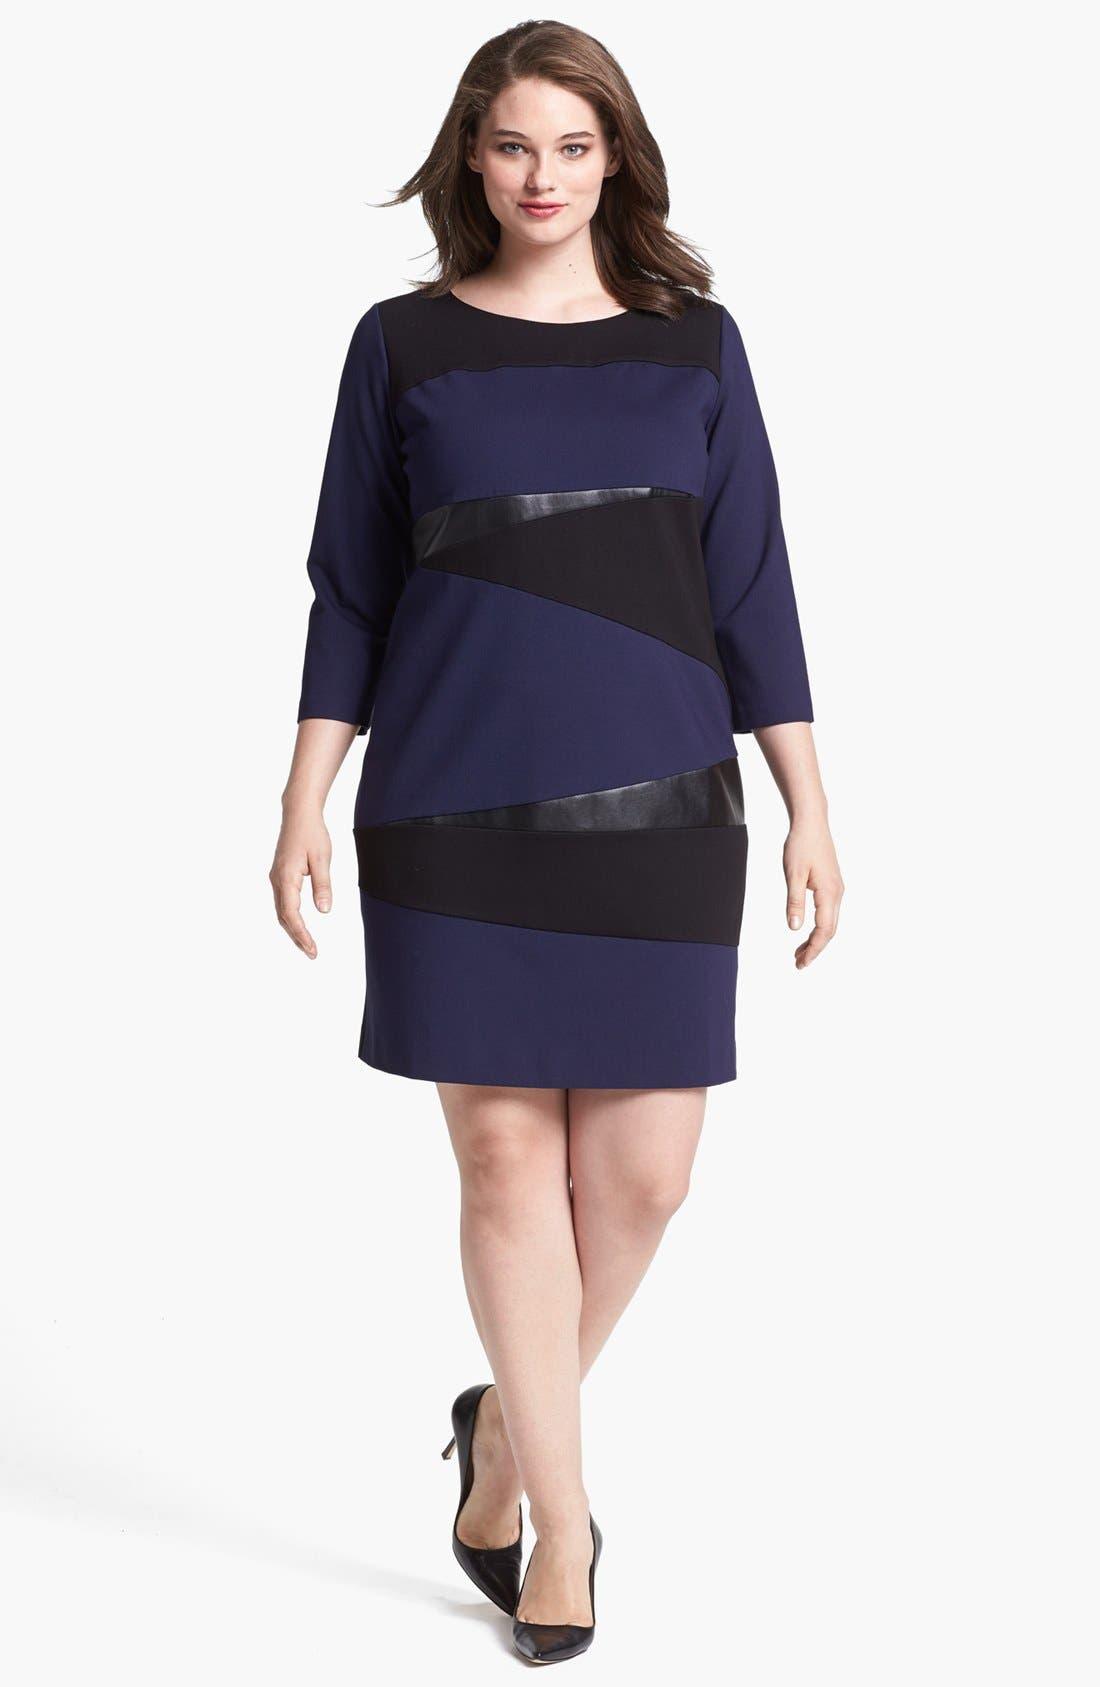 Main Image - DKNYC Faux Leather Trim Shift Dress (Plus Size)